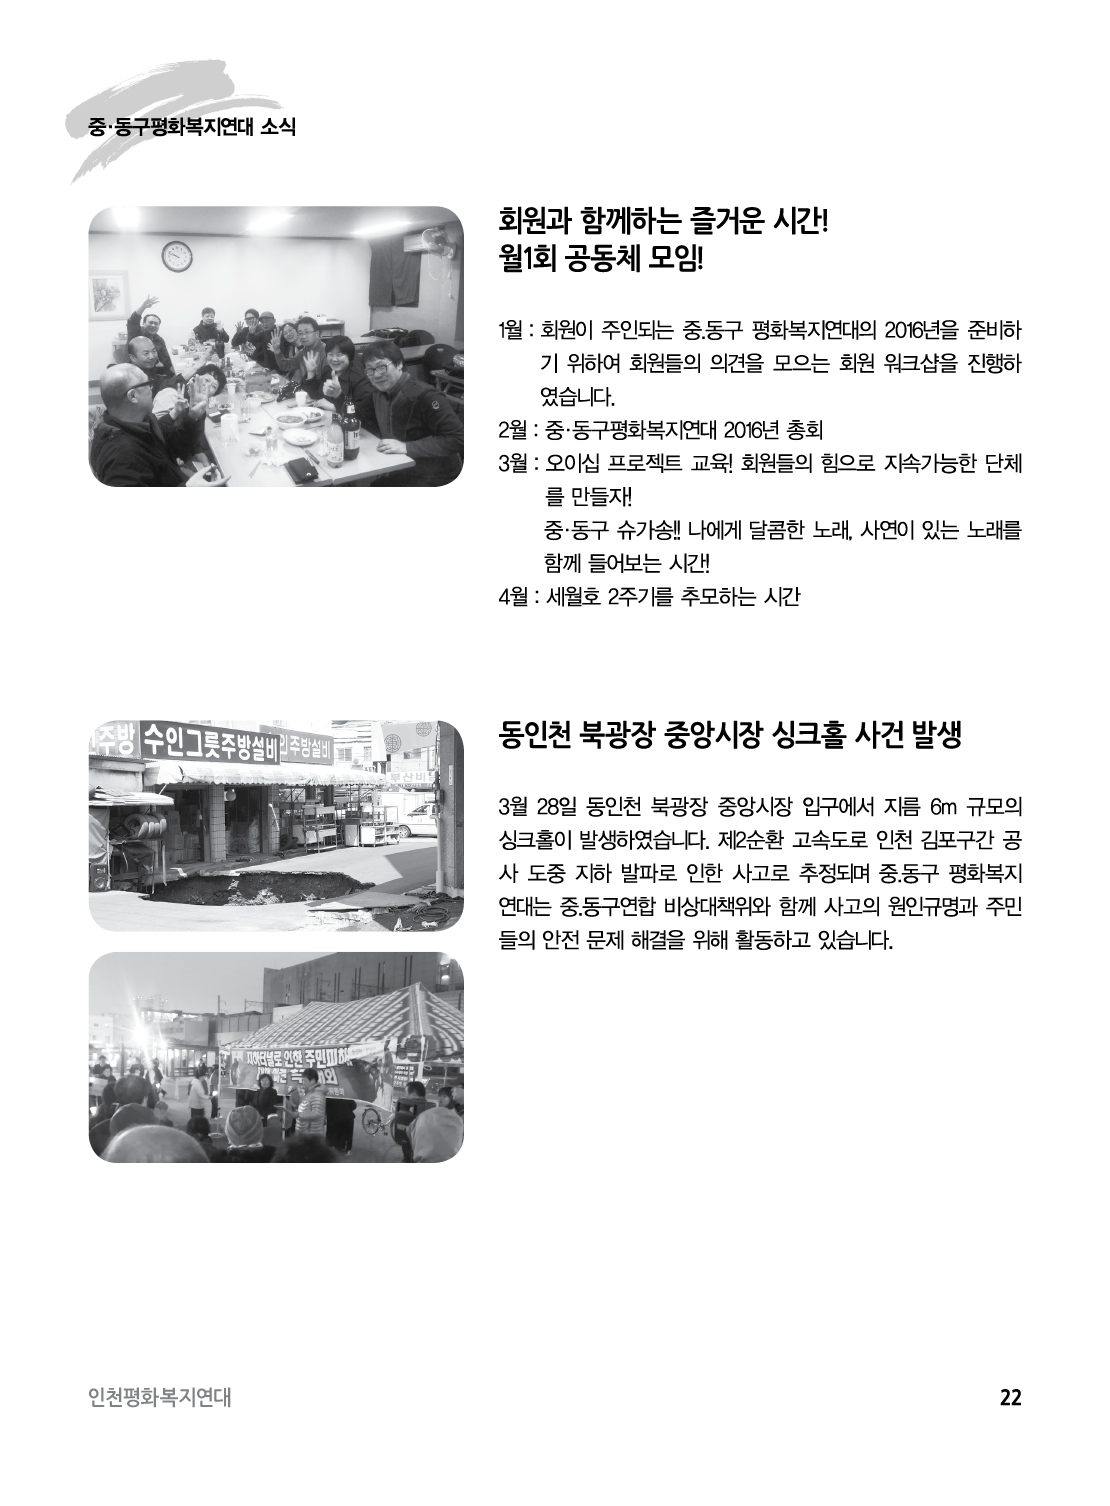 아웃라인 인천평화복지연대 소식지창간준비3호22.jpg